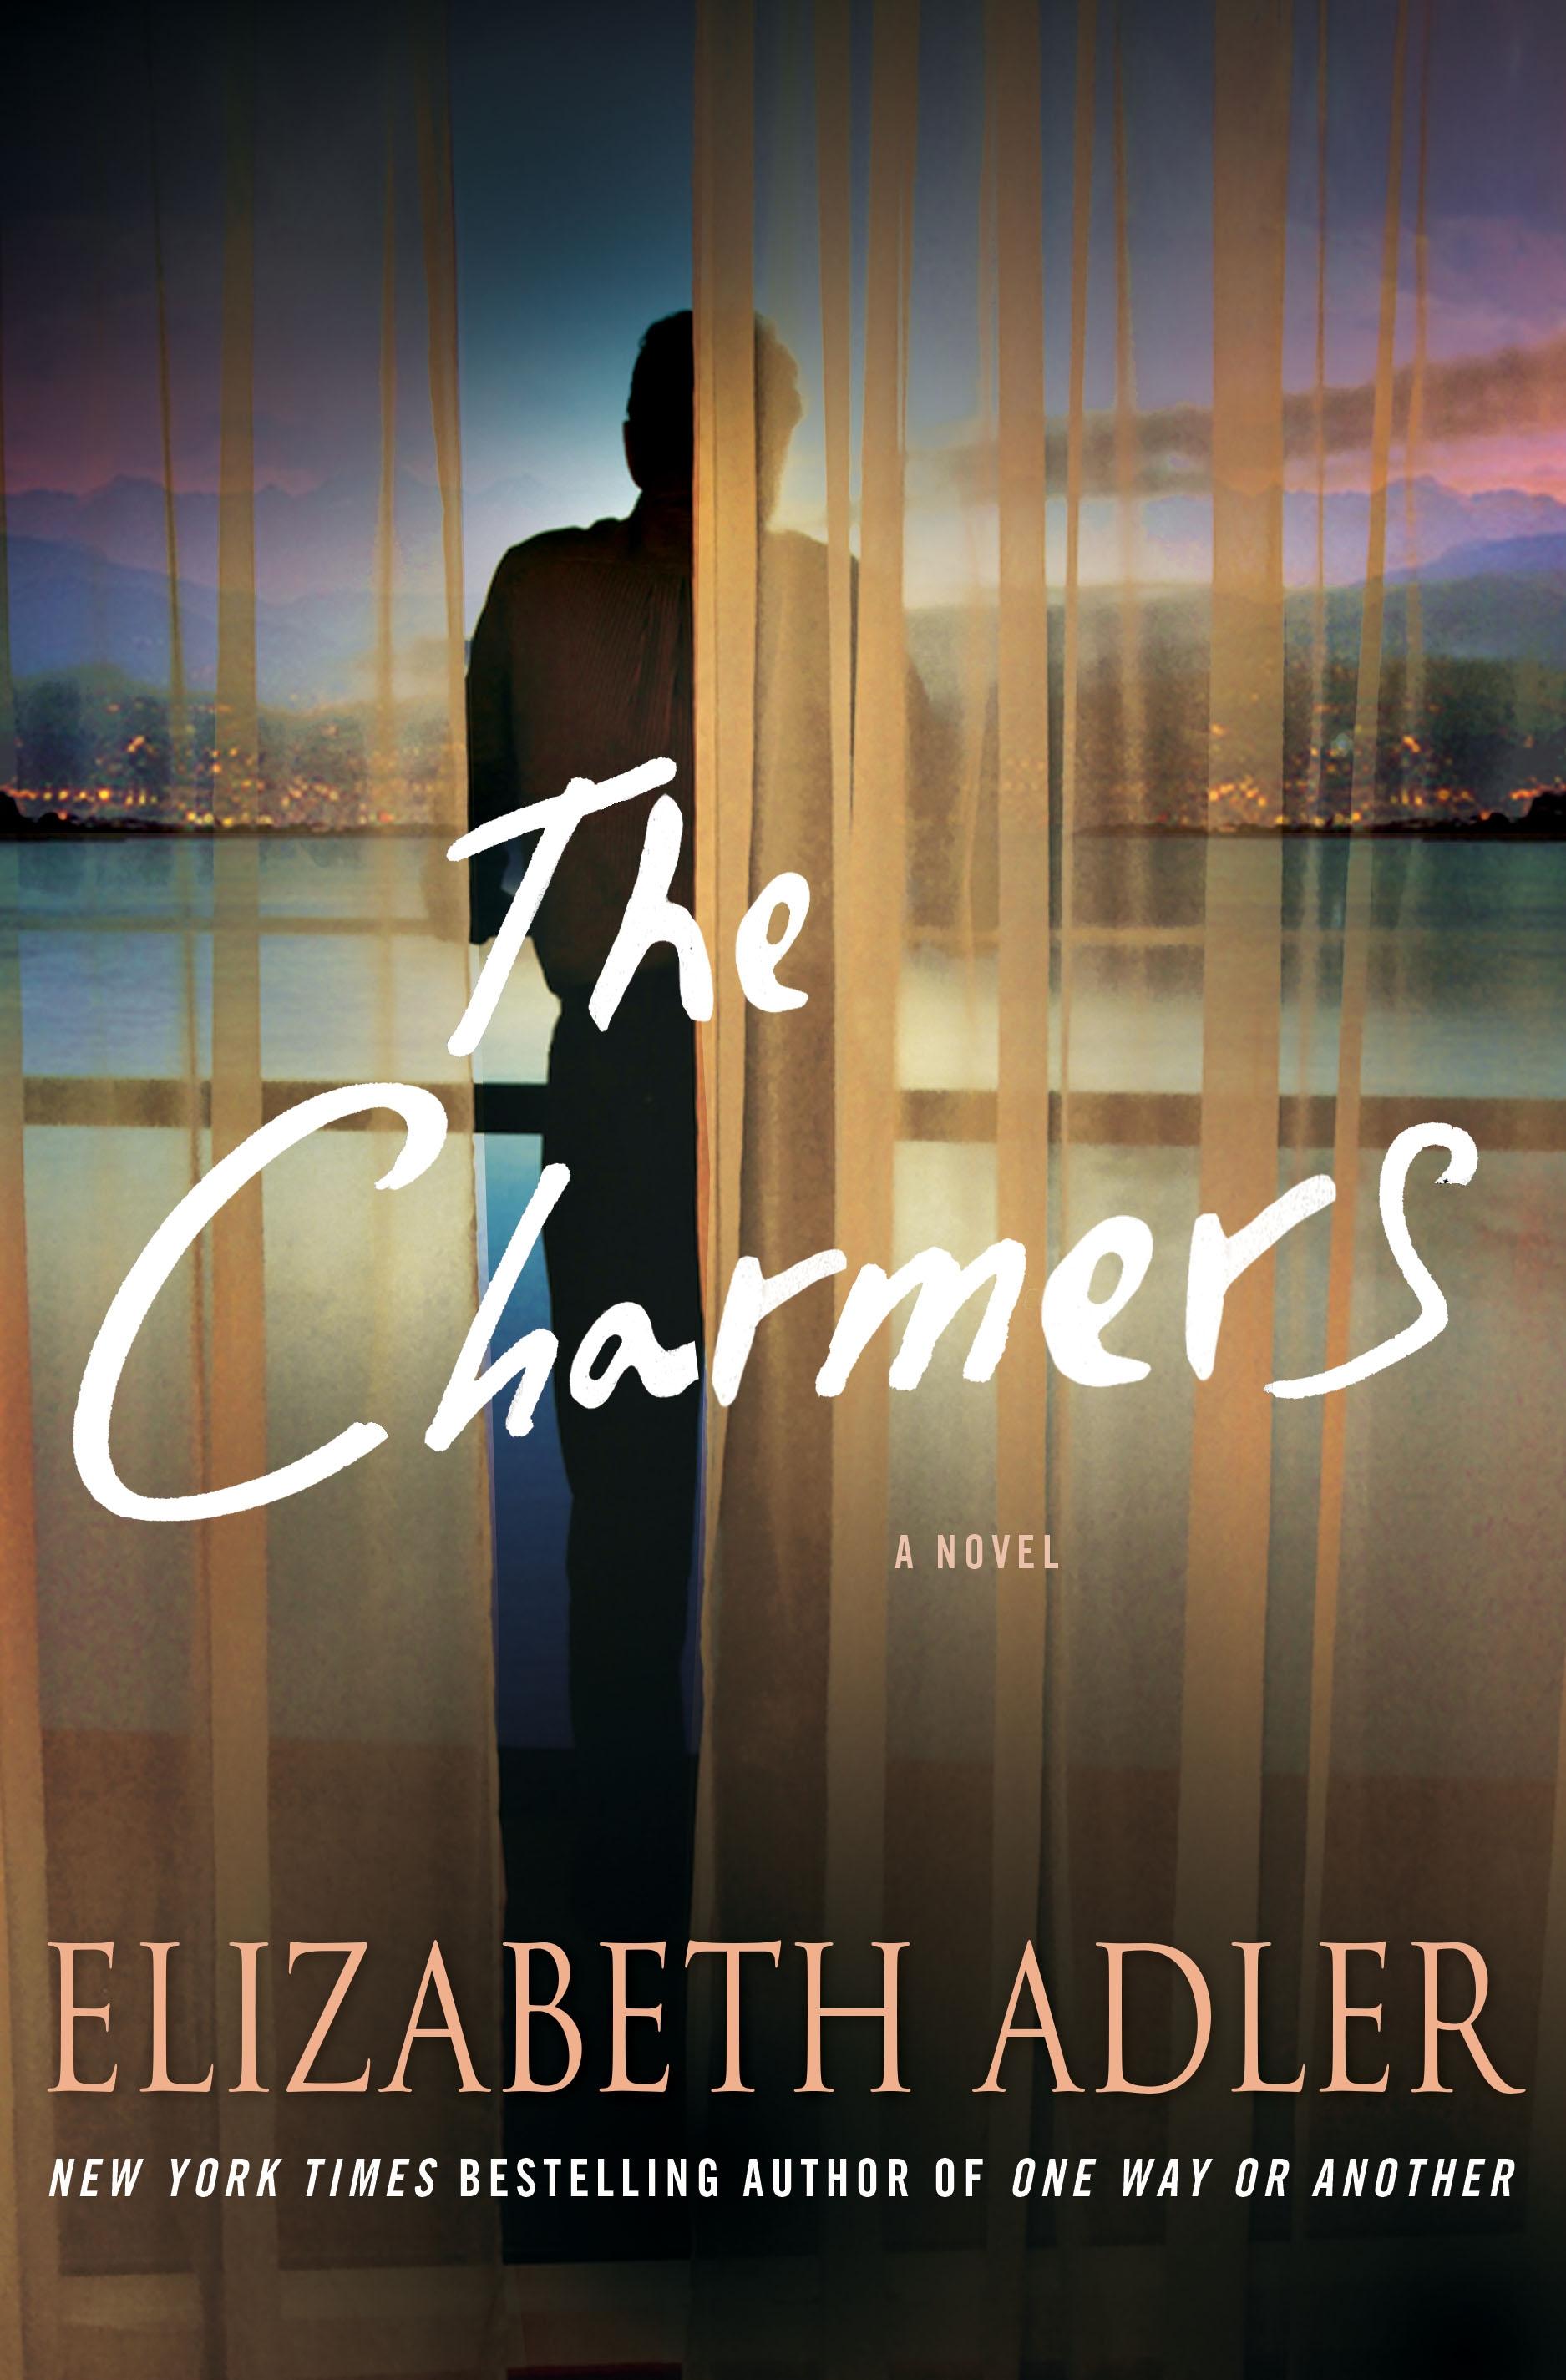 The Charmers A Novel